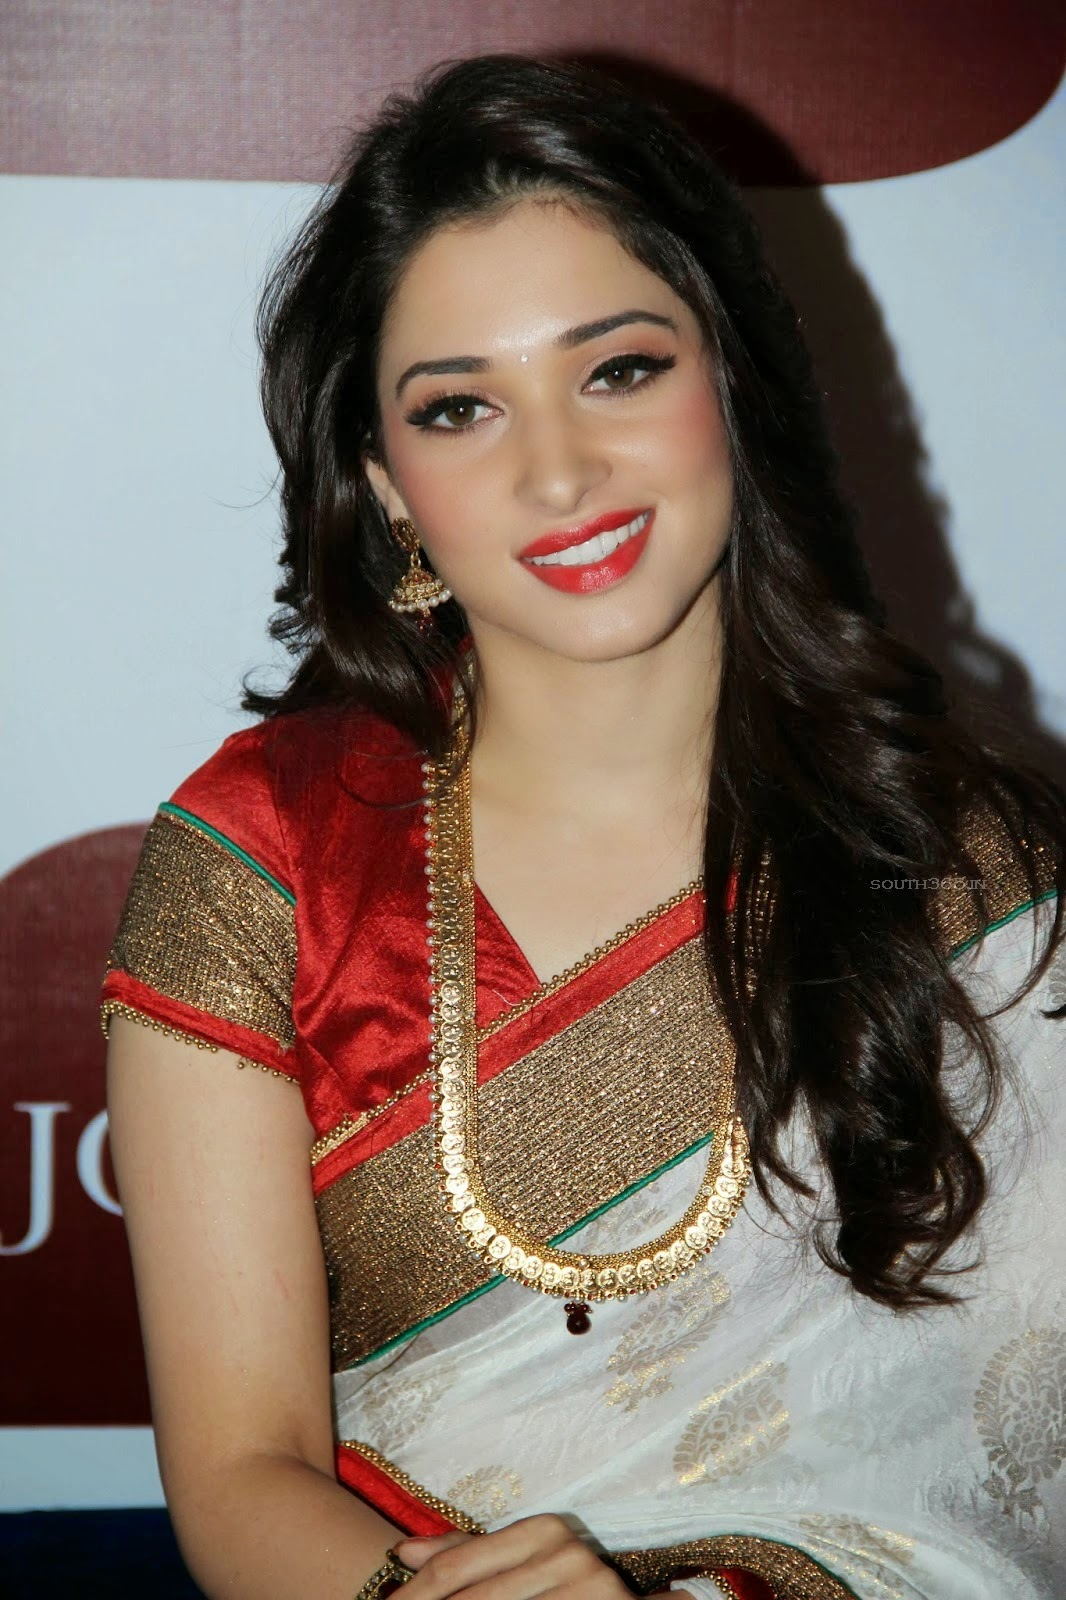 film actress tamannah bhatia - photo #15